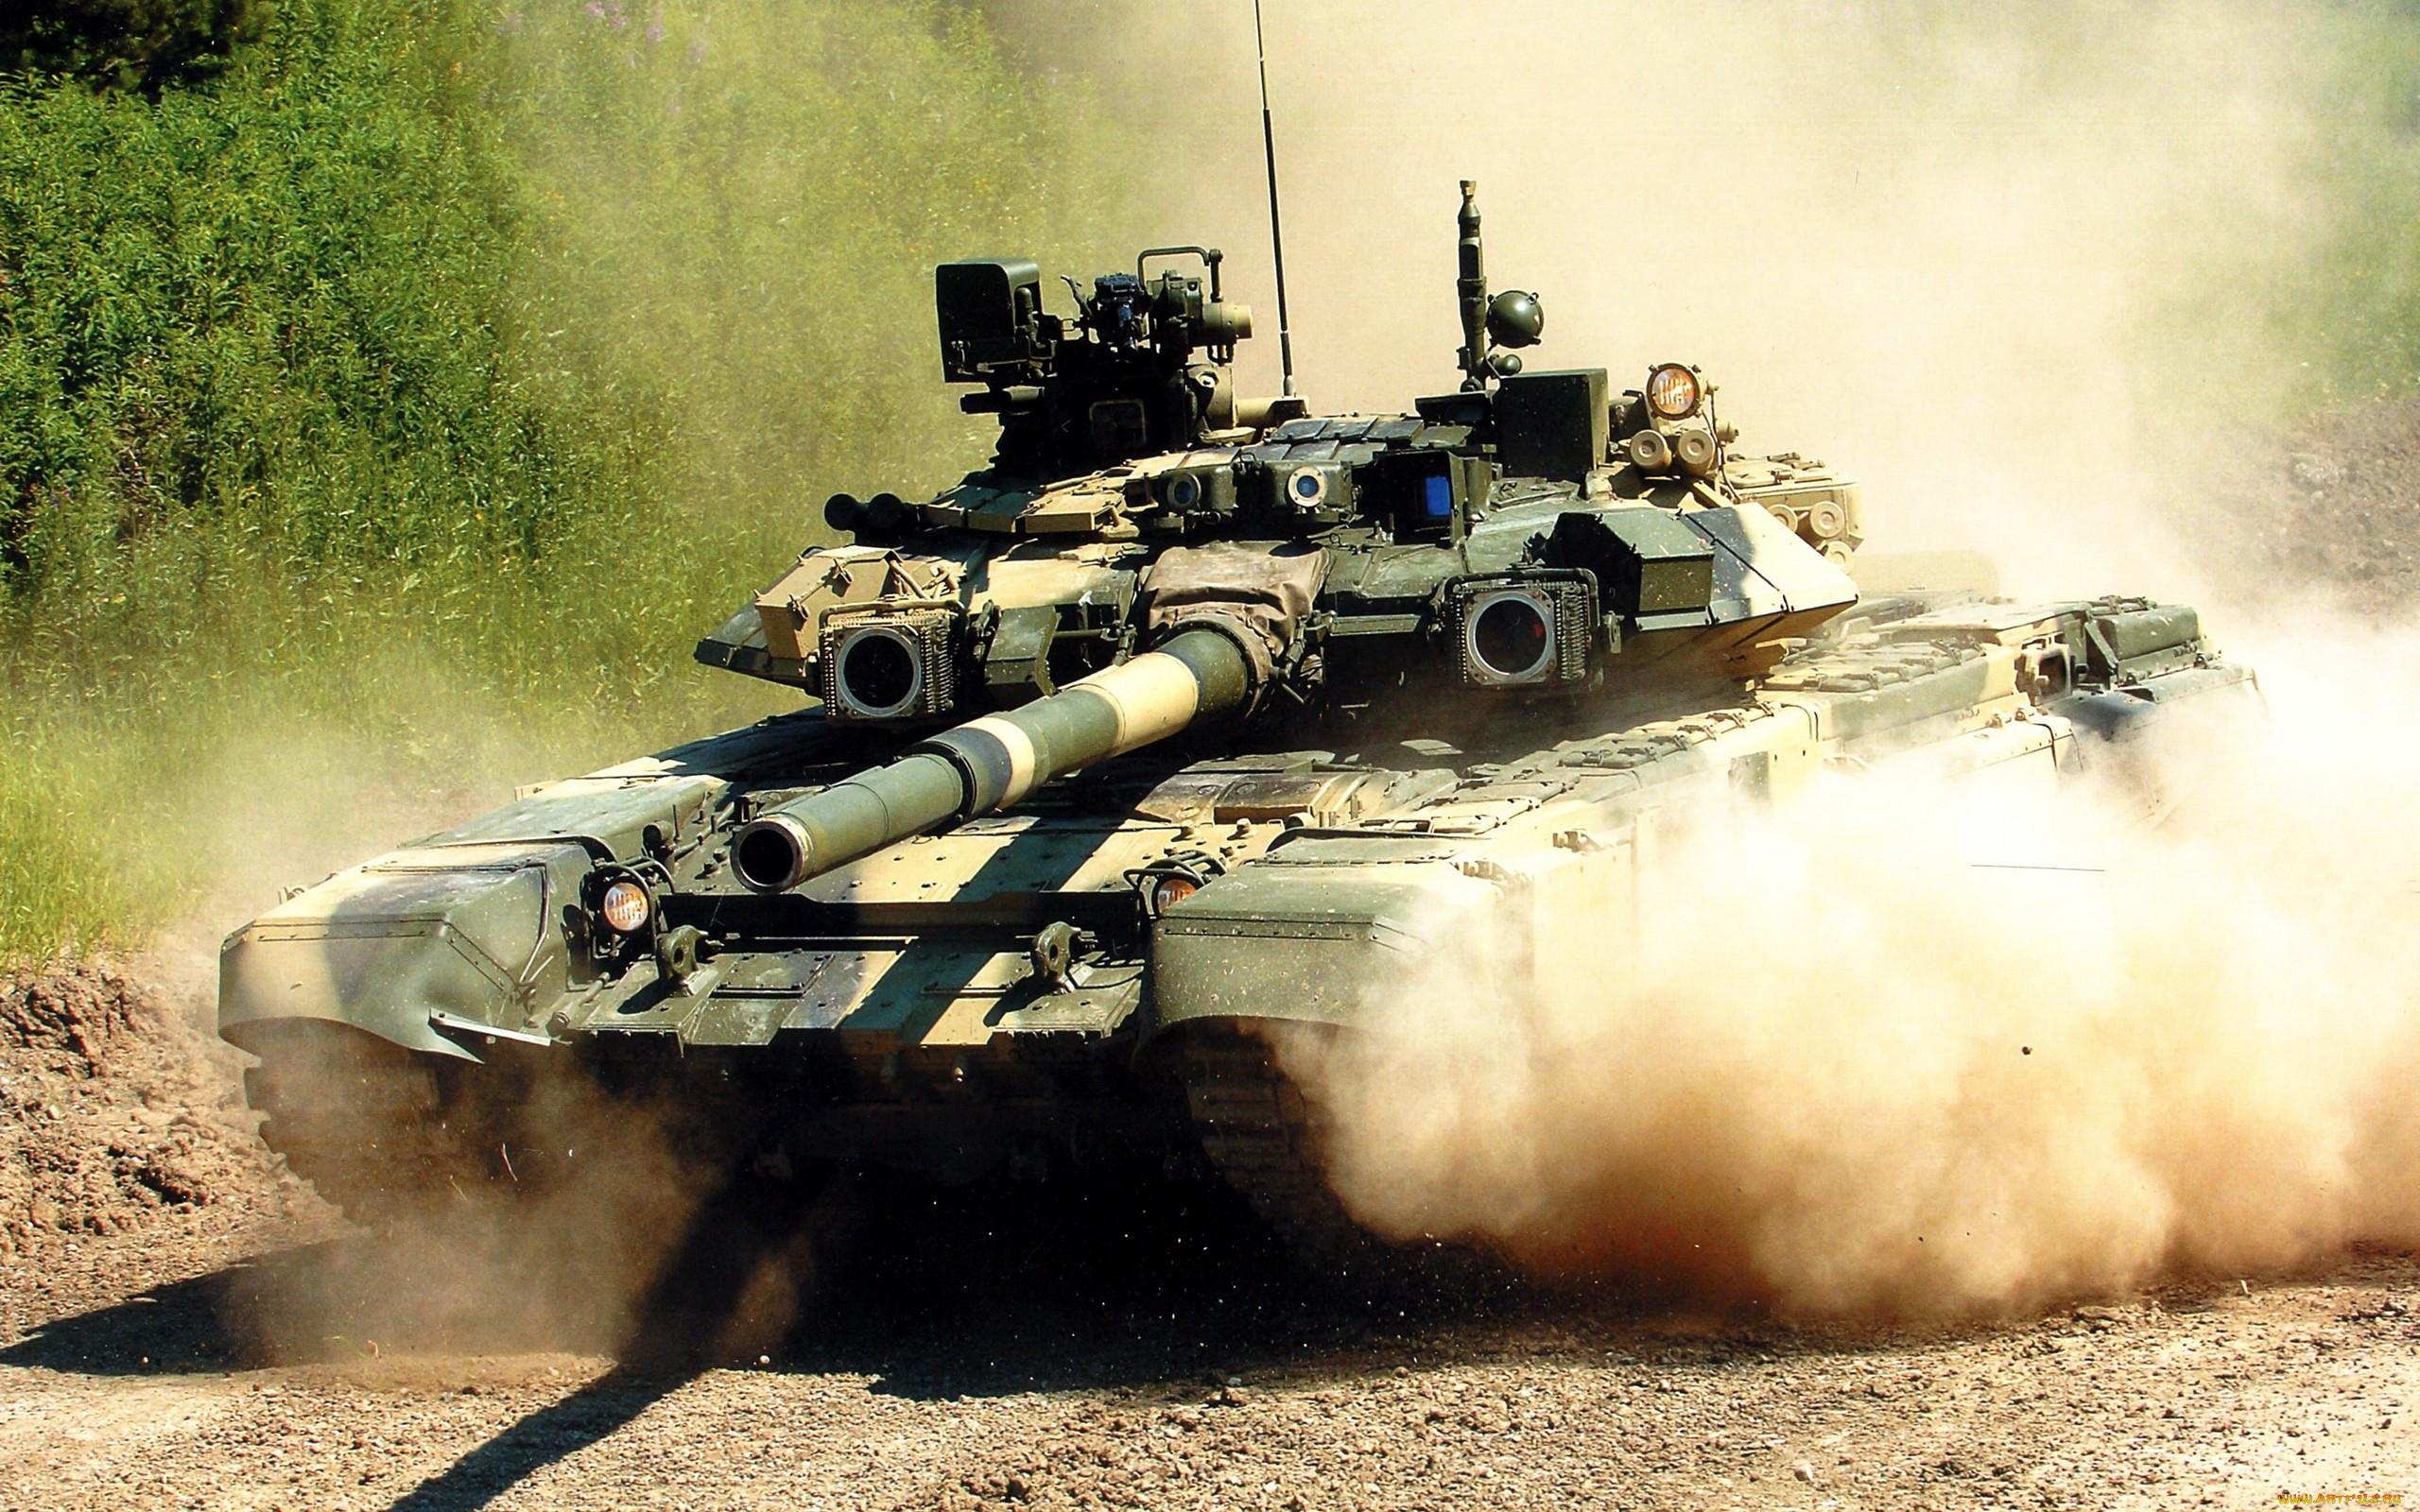 военная техника крутые картинки шедевр можно